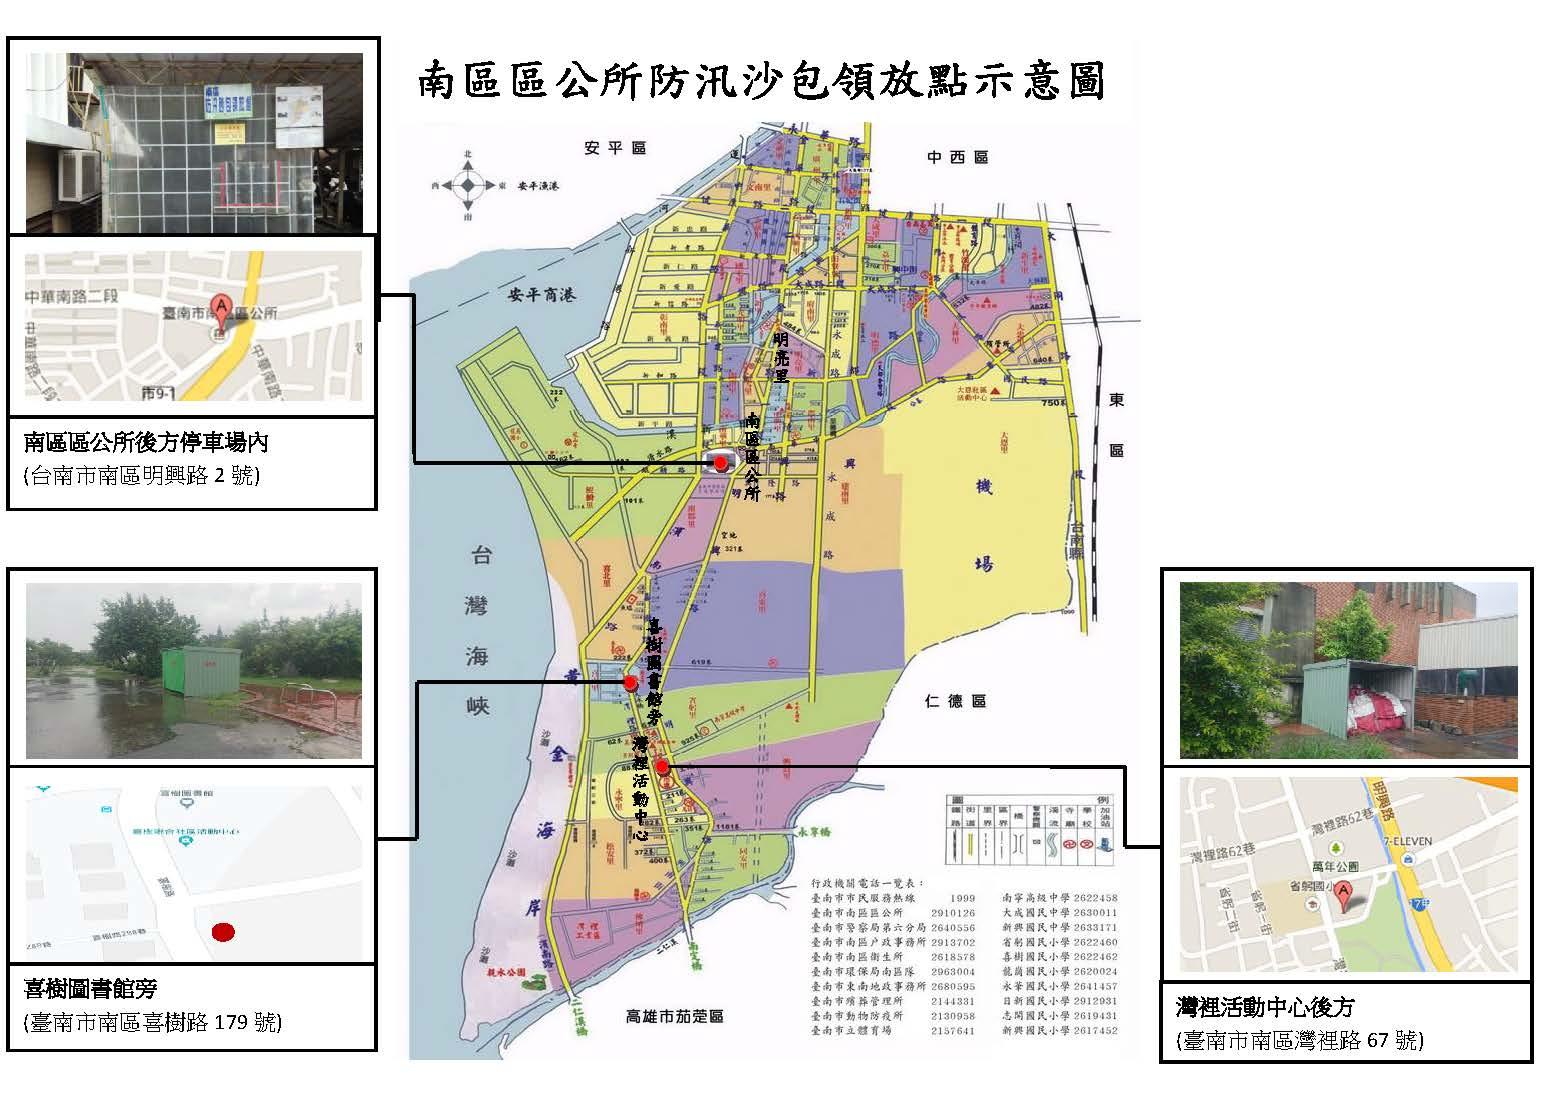 南區區公所防風沙包領放點示意圖2020年5月版